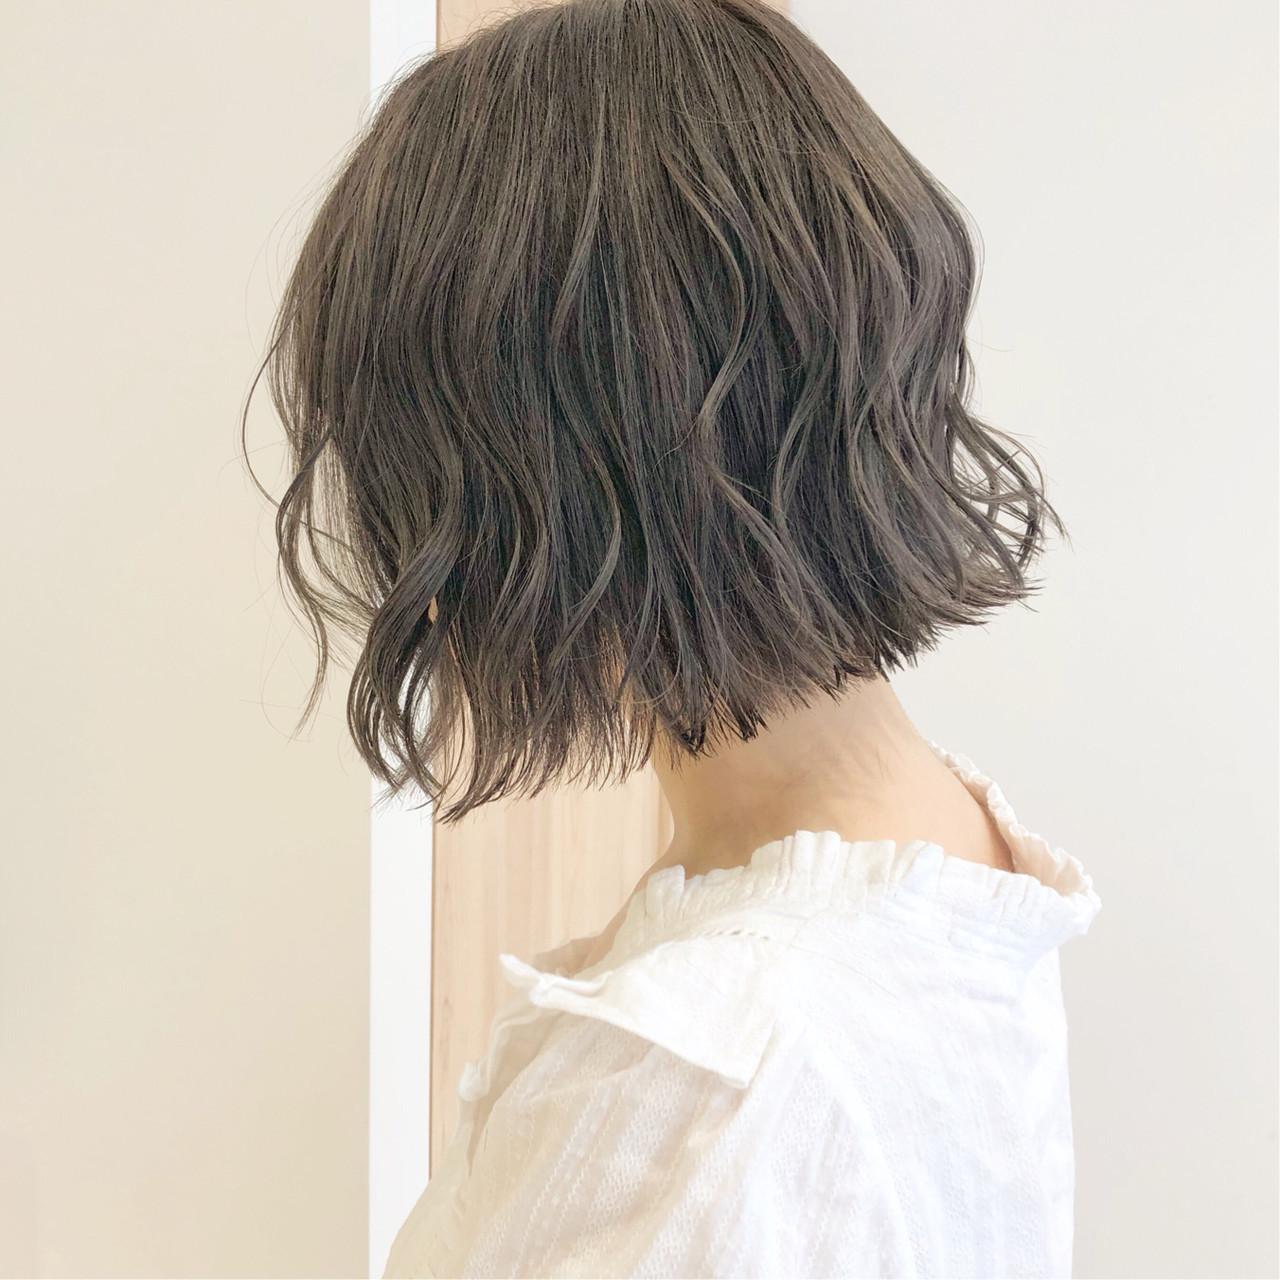 簡単ヘアアレンジ デート ナチュラル ボブ ヘアスタイルや髪型の写真・画像